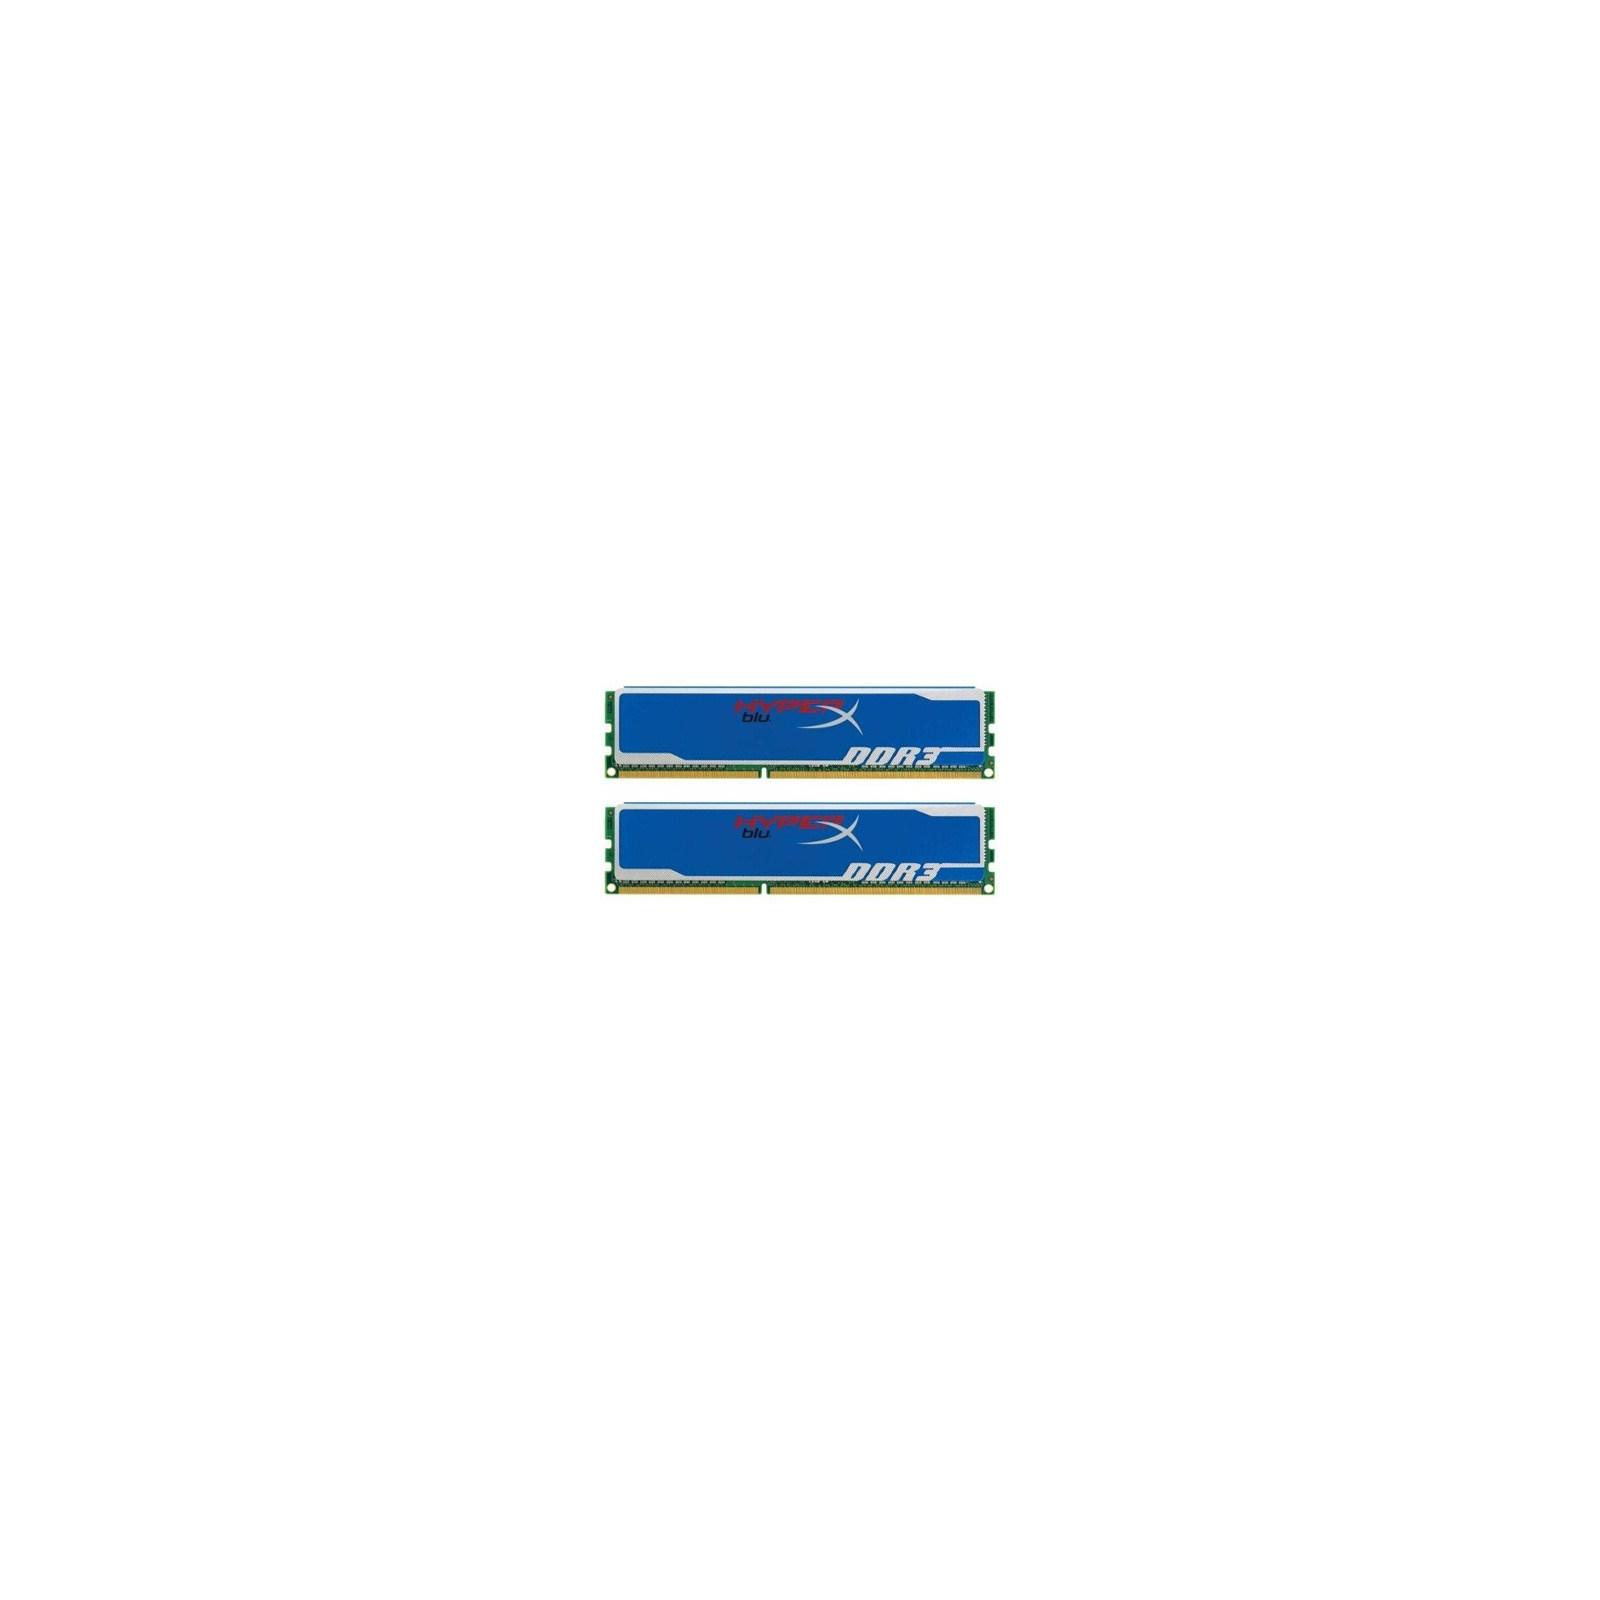 Модуль памяти для компьютера DDR3 16GB (2x8GB) 1600 MHz Kingston (KHX1600C9D3B1K2/16G)